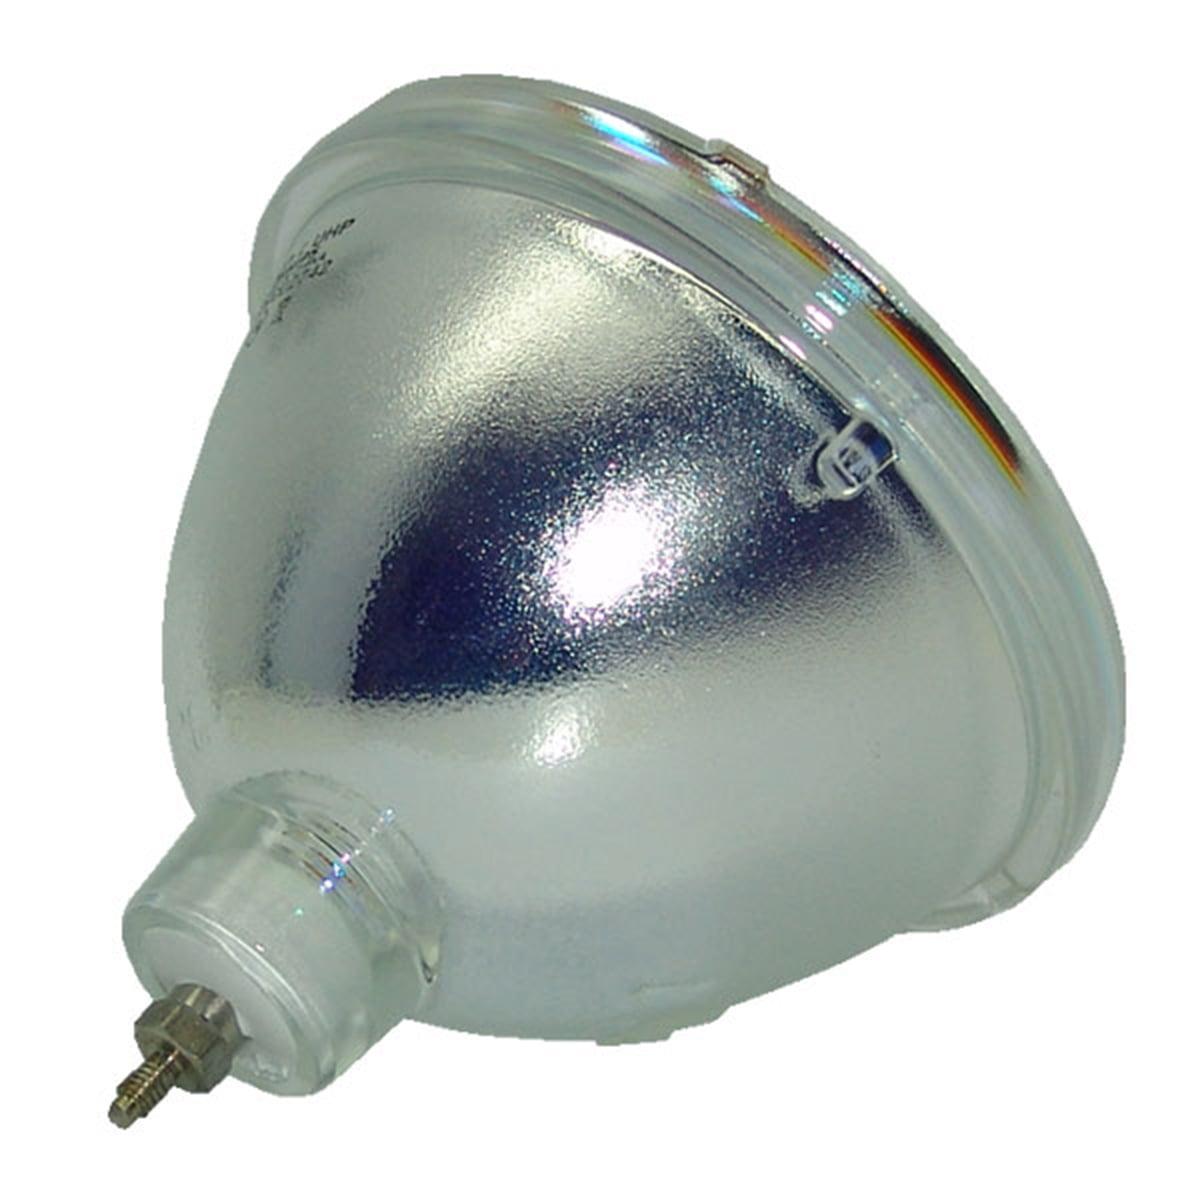 Lampe de rechange Philips originale pour t�l�viseur Viore IPT46DLP30 (ampoule uniquement) - image 2 de 5